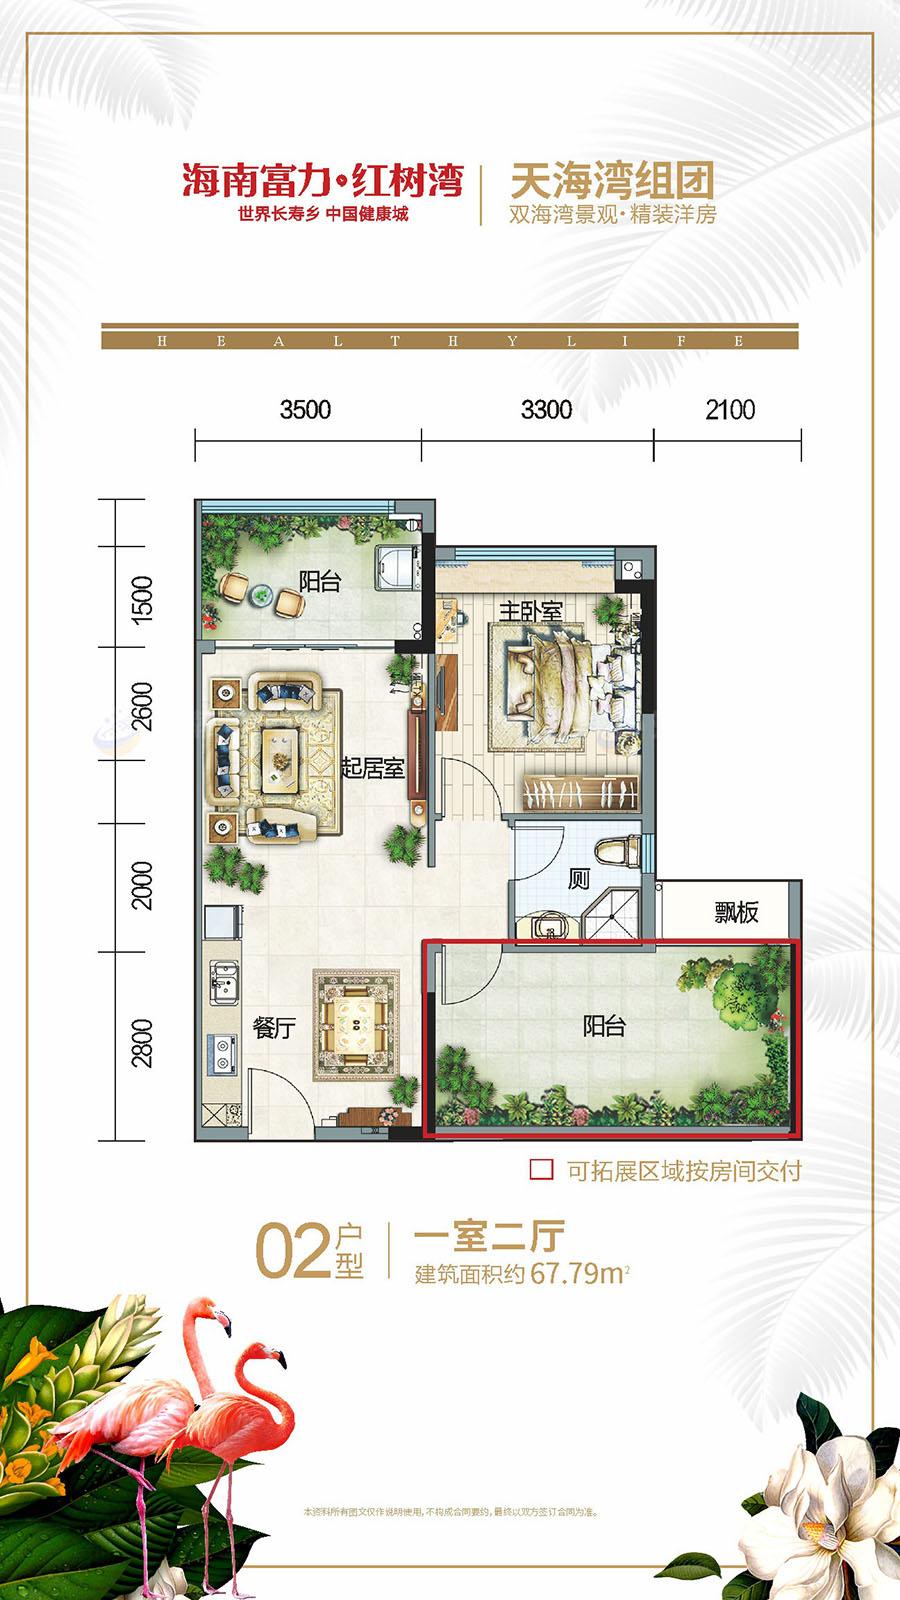 富力红树湾1房2厅1卫 (建筑面积:67.79㎡)